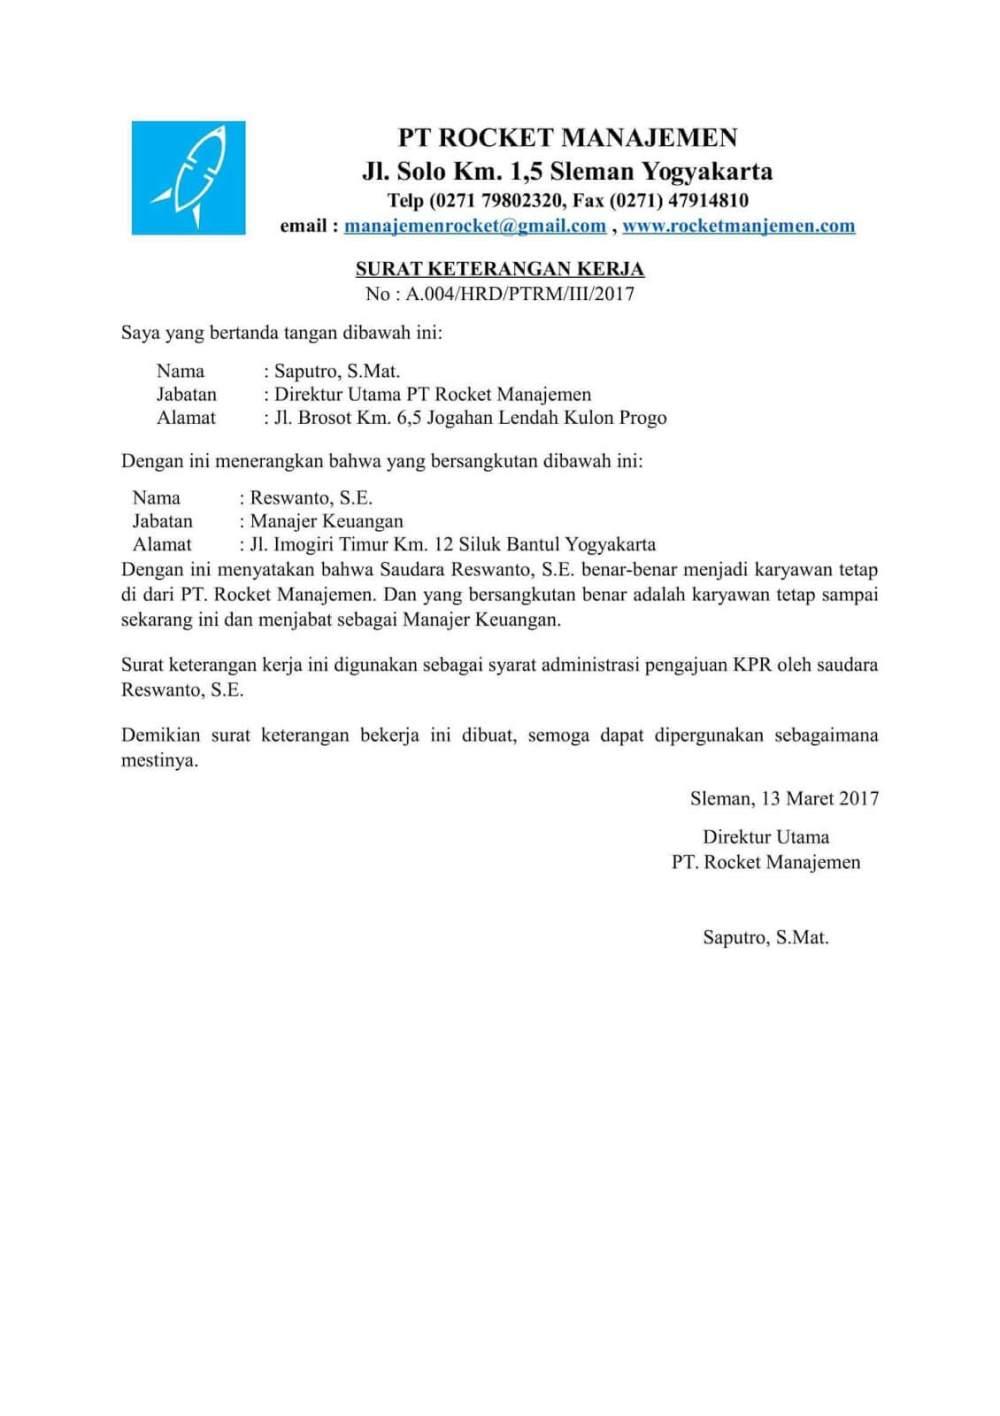 1. Contoh Surat Keterangan Kerja Untuk KPR